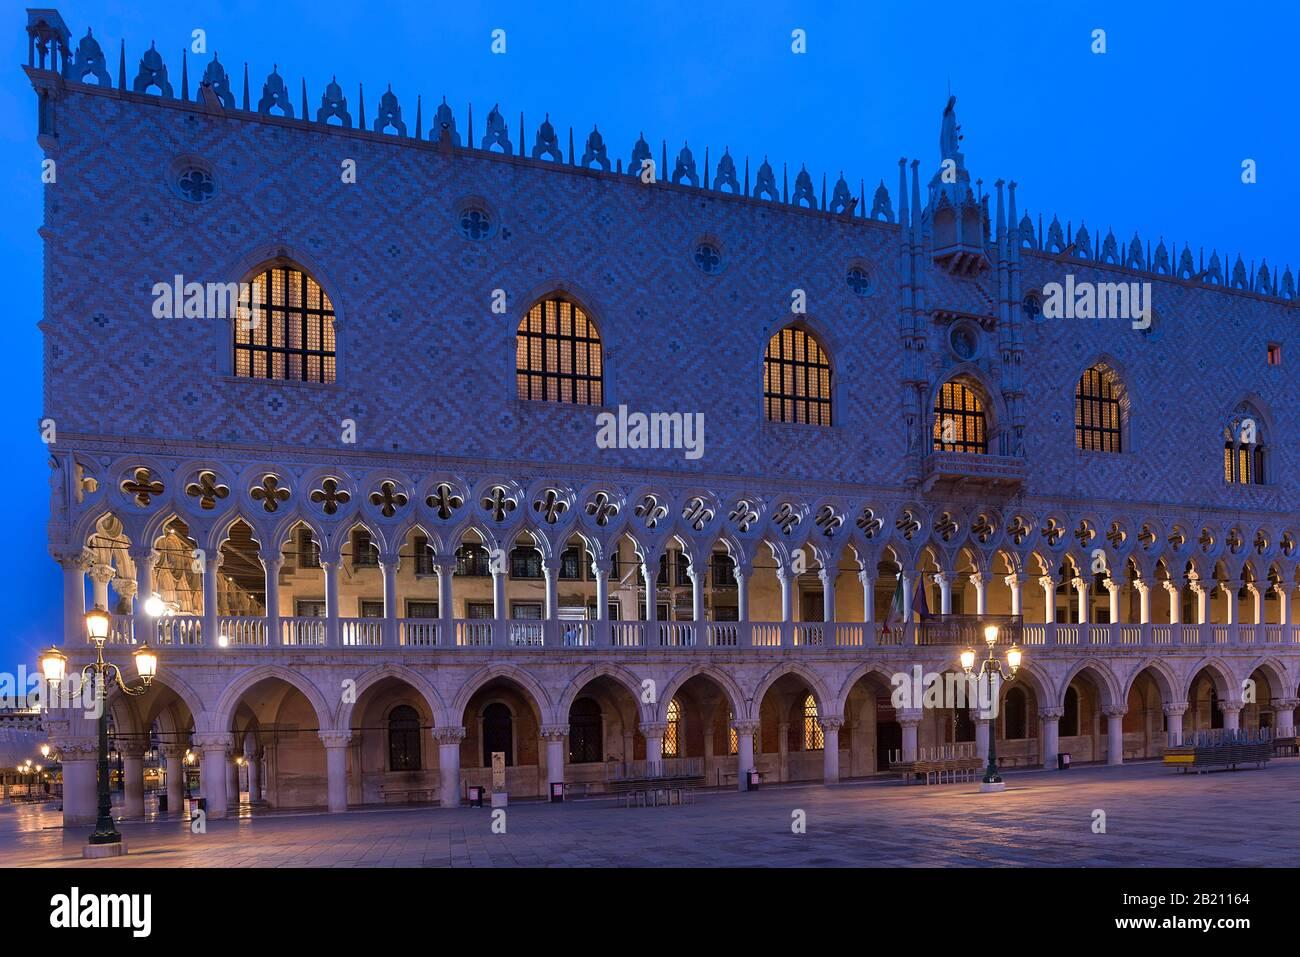 Palacio Ducal iluminado por la noche, Piazza San Marco, Venecia, Veneto, Italia Foto de stock